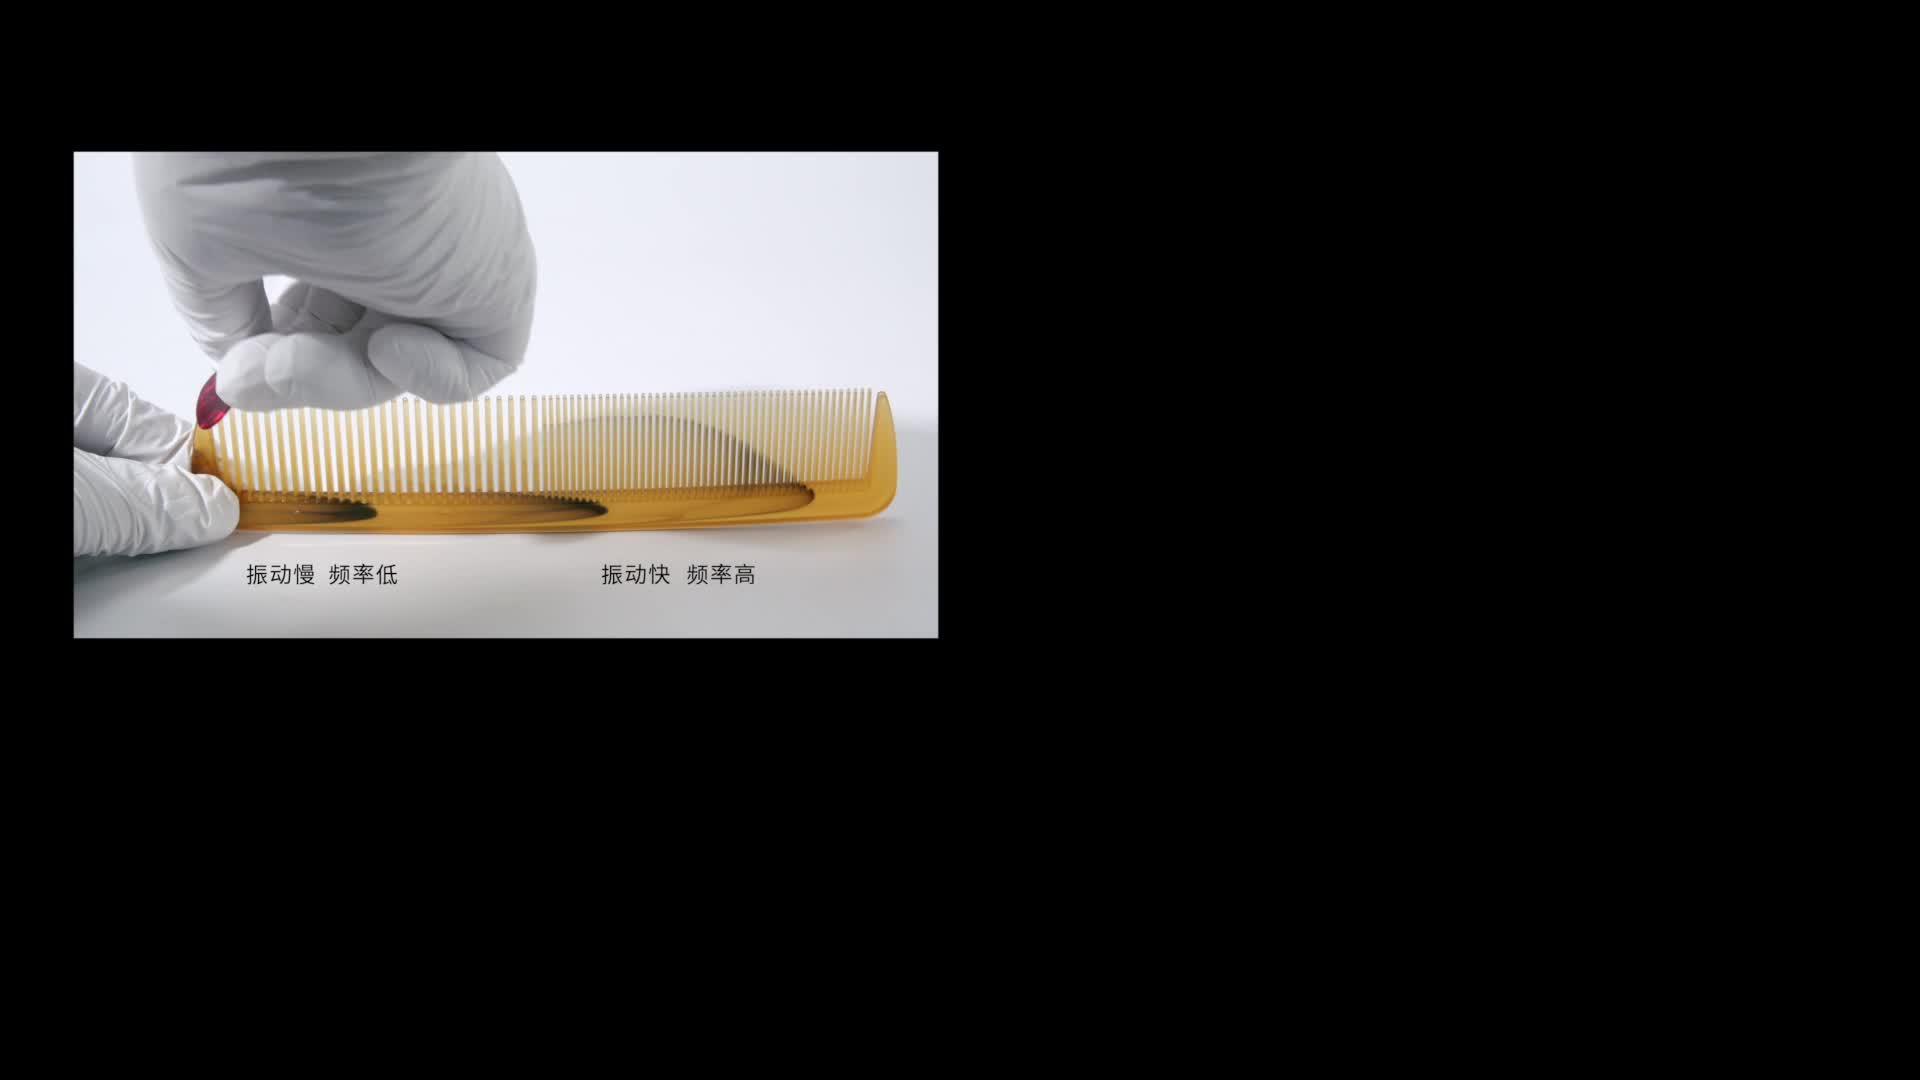 2.2 发声的梳子-【火花学院】人教版八年级物理上册 第二章 声现象 第二节 声音的特性 [来自e网通客户端]